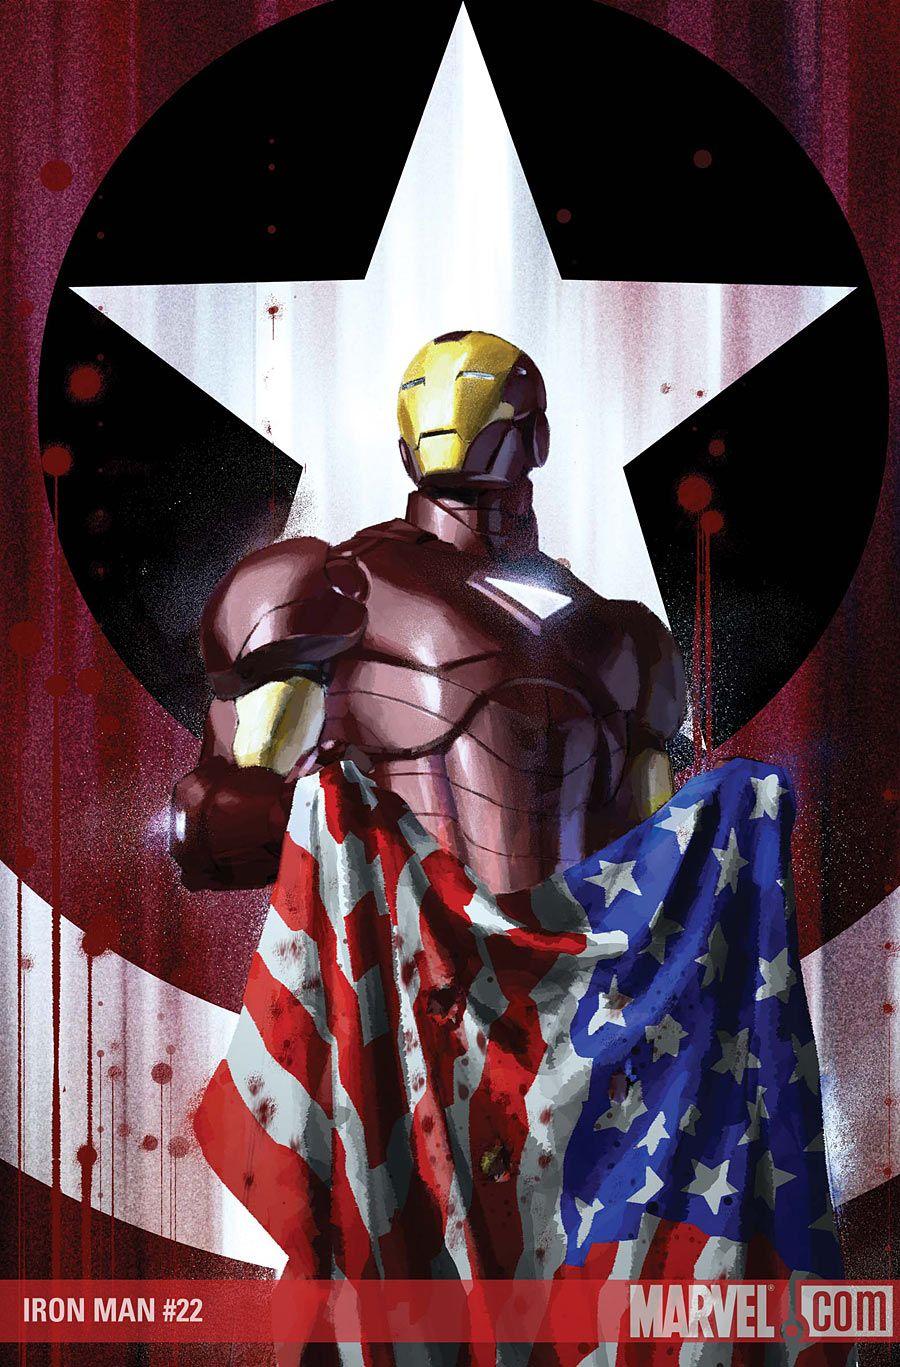 Iron Man 22 Gerald Parel Iron Man Wallpaper Iron Man Marvel